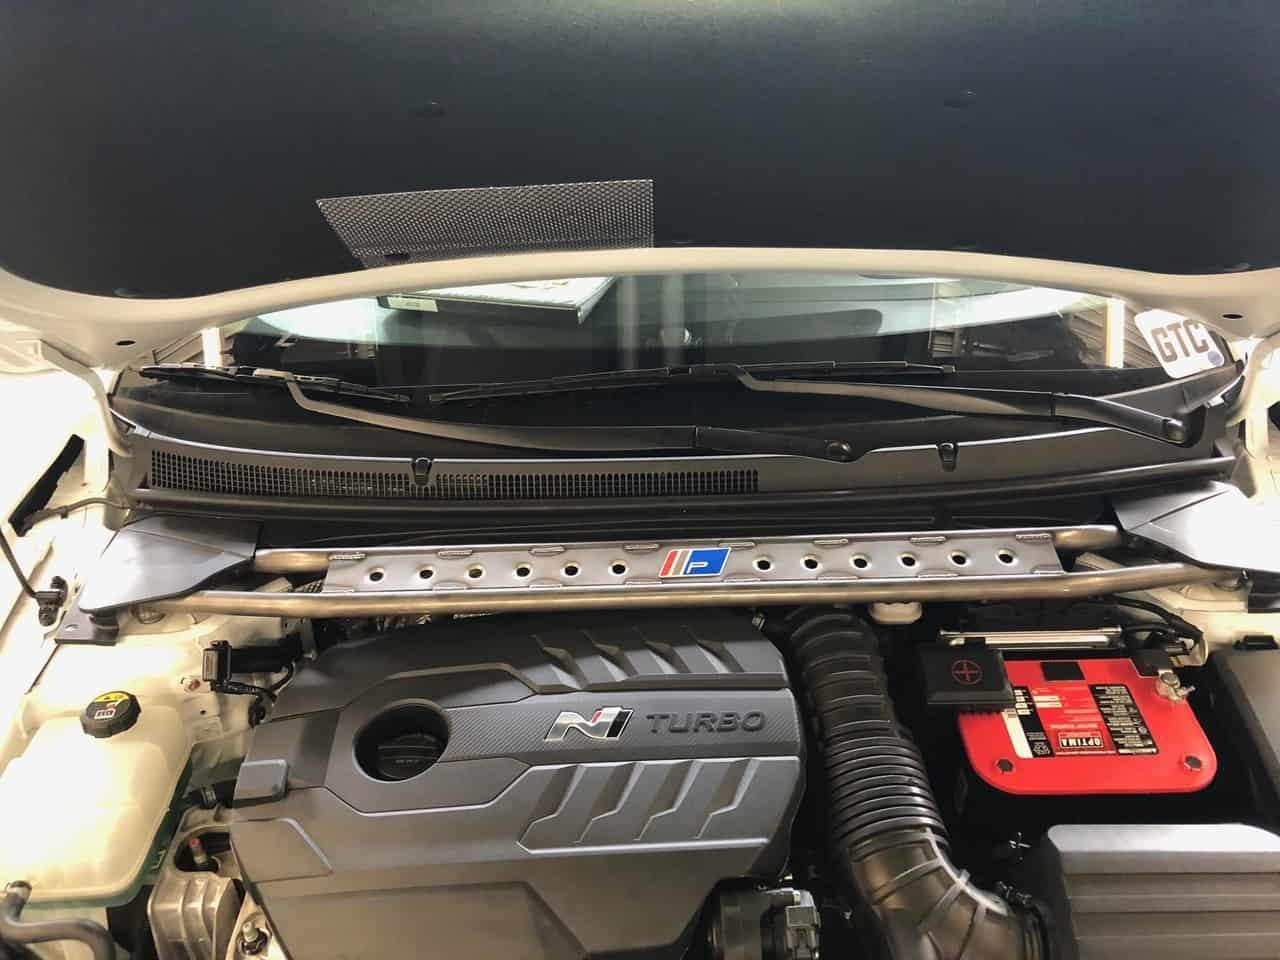 2019 Hyundai Veloster/Veloster Turbo Pierce Motorsports Chromoly Strut Brace